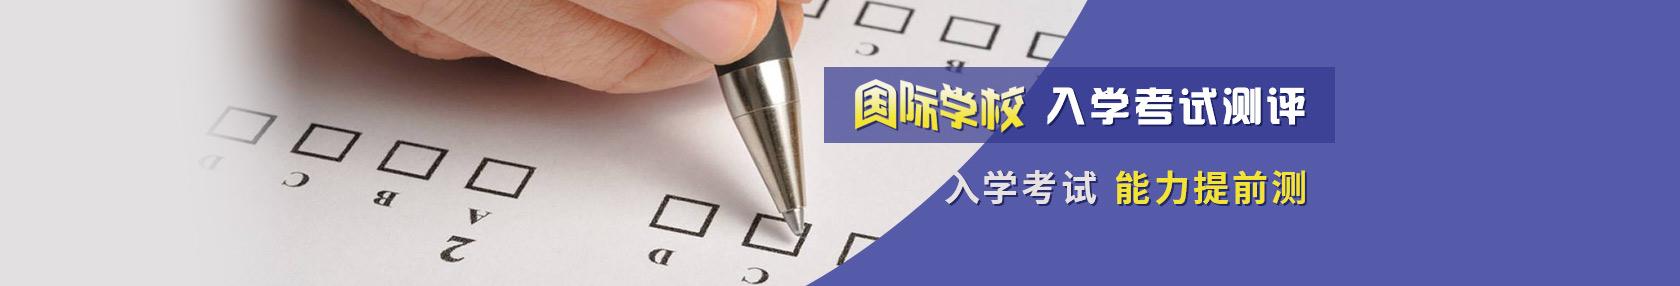 【测评】国际学校入学考试能力提前测